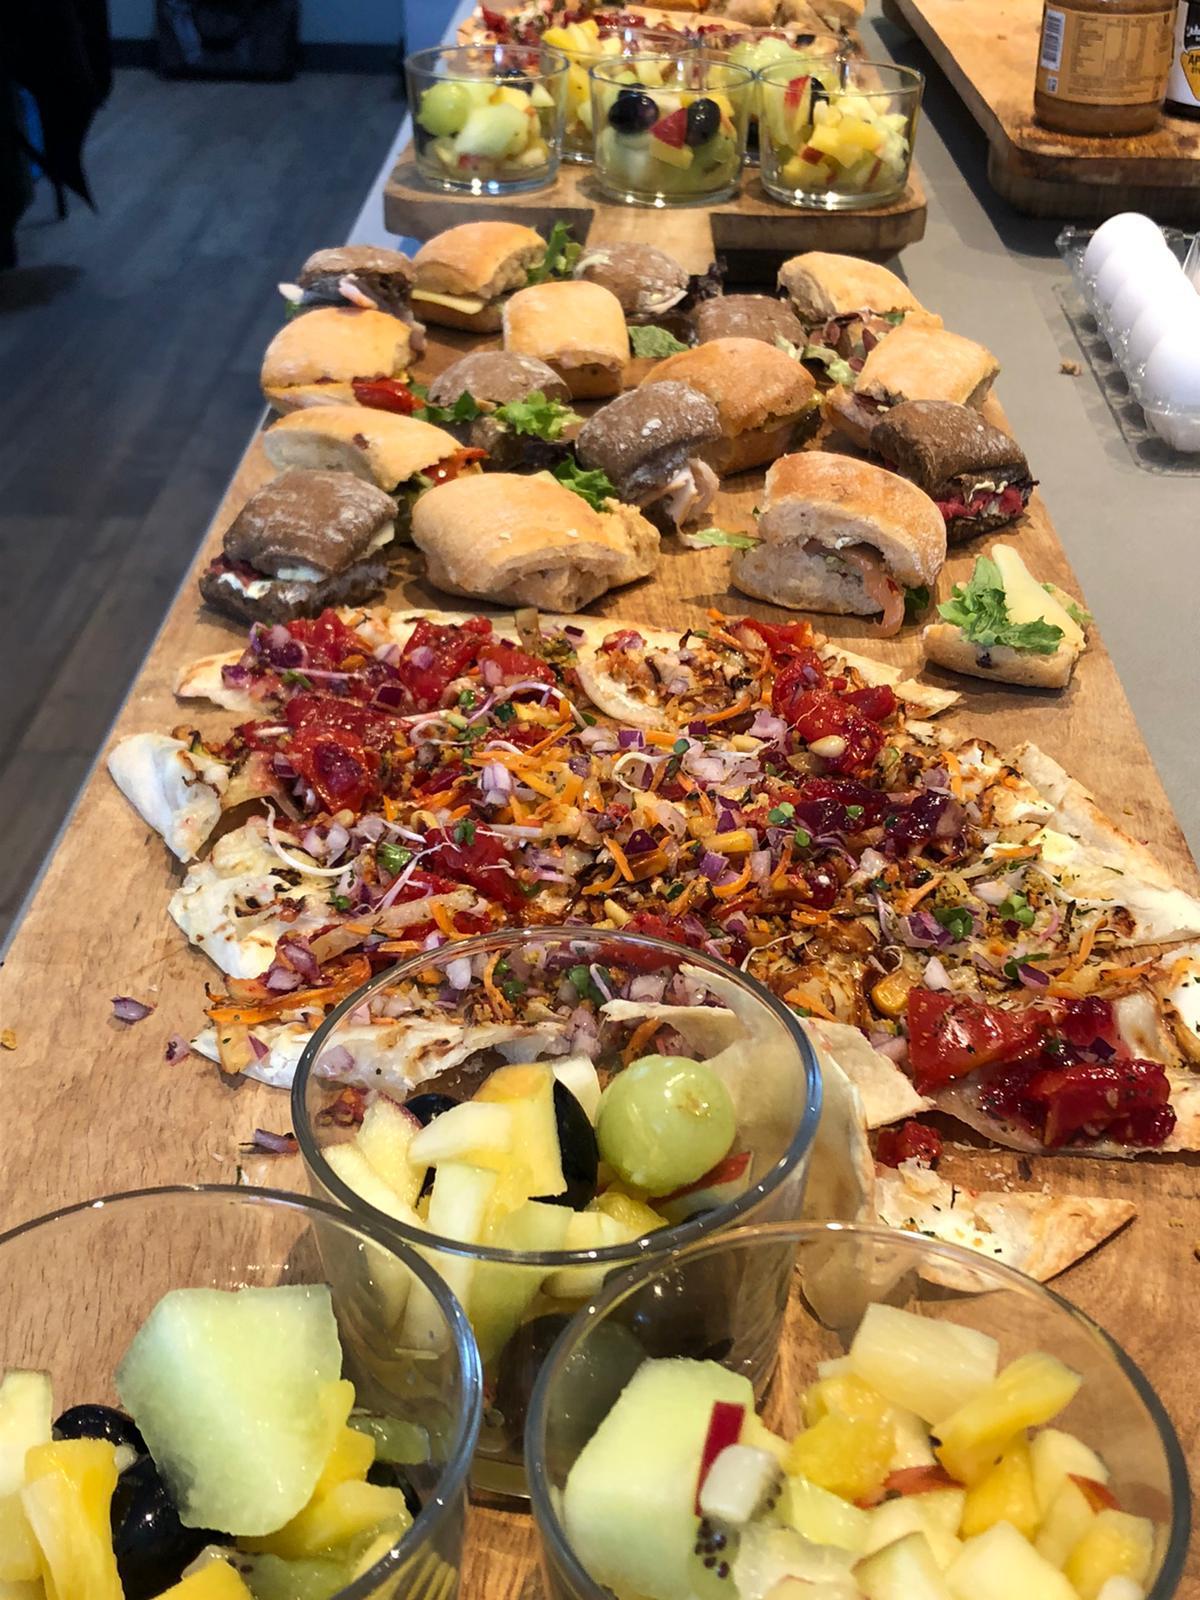 ontbijt en lunch - groepsaccommodatie Vliersche Veld in Neede (Achterhoek, Gelderland)